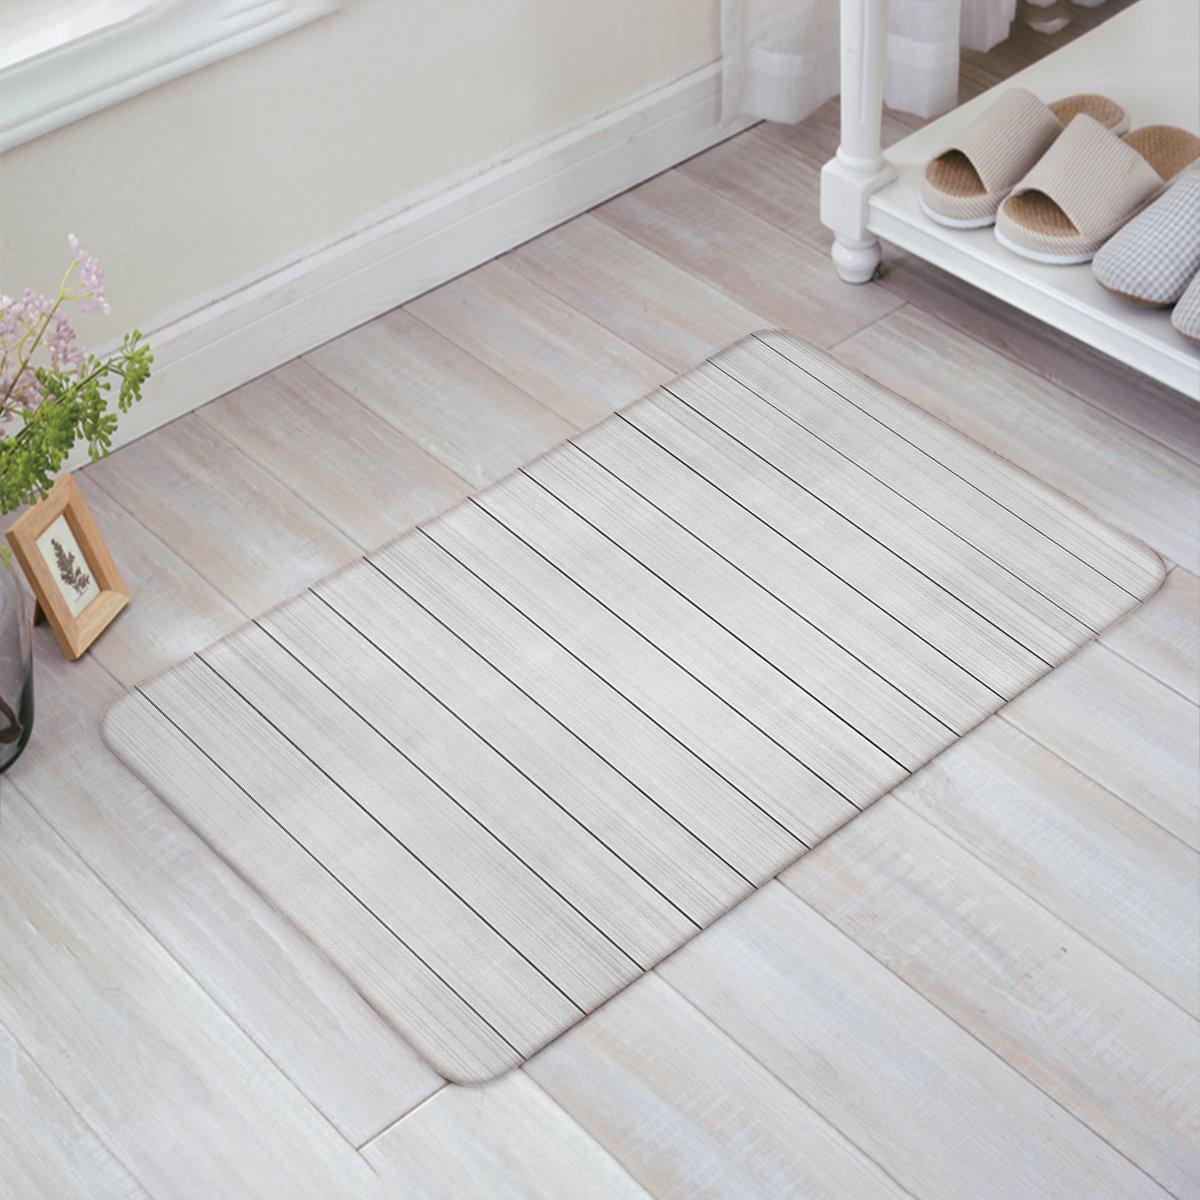 Indoor Doormat Stylish Welcome Mat Light Wood Grain Stripe Entrance Shoe Scrap Washable Apartment Office Floor Mats Front Doormats Non-Slip Bedroom Carpet Home Kitchen Rug 18''x30''